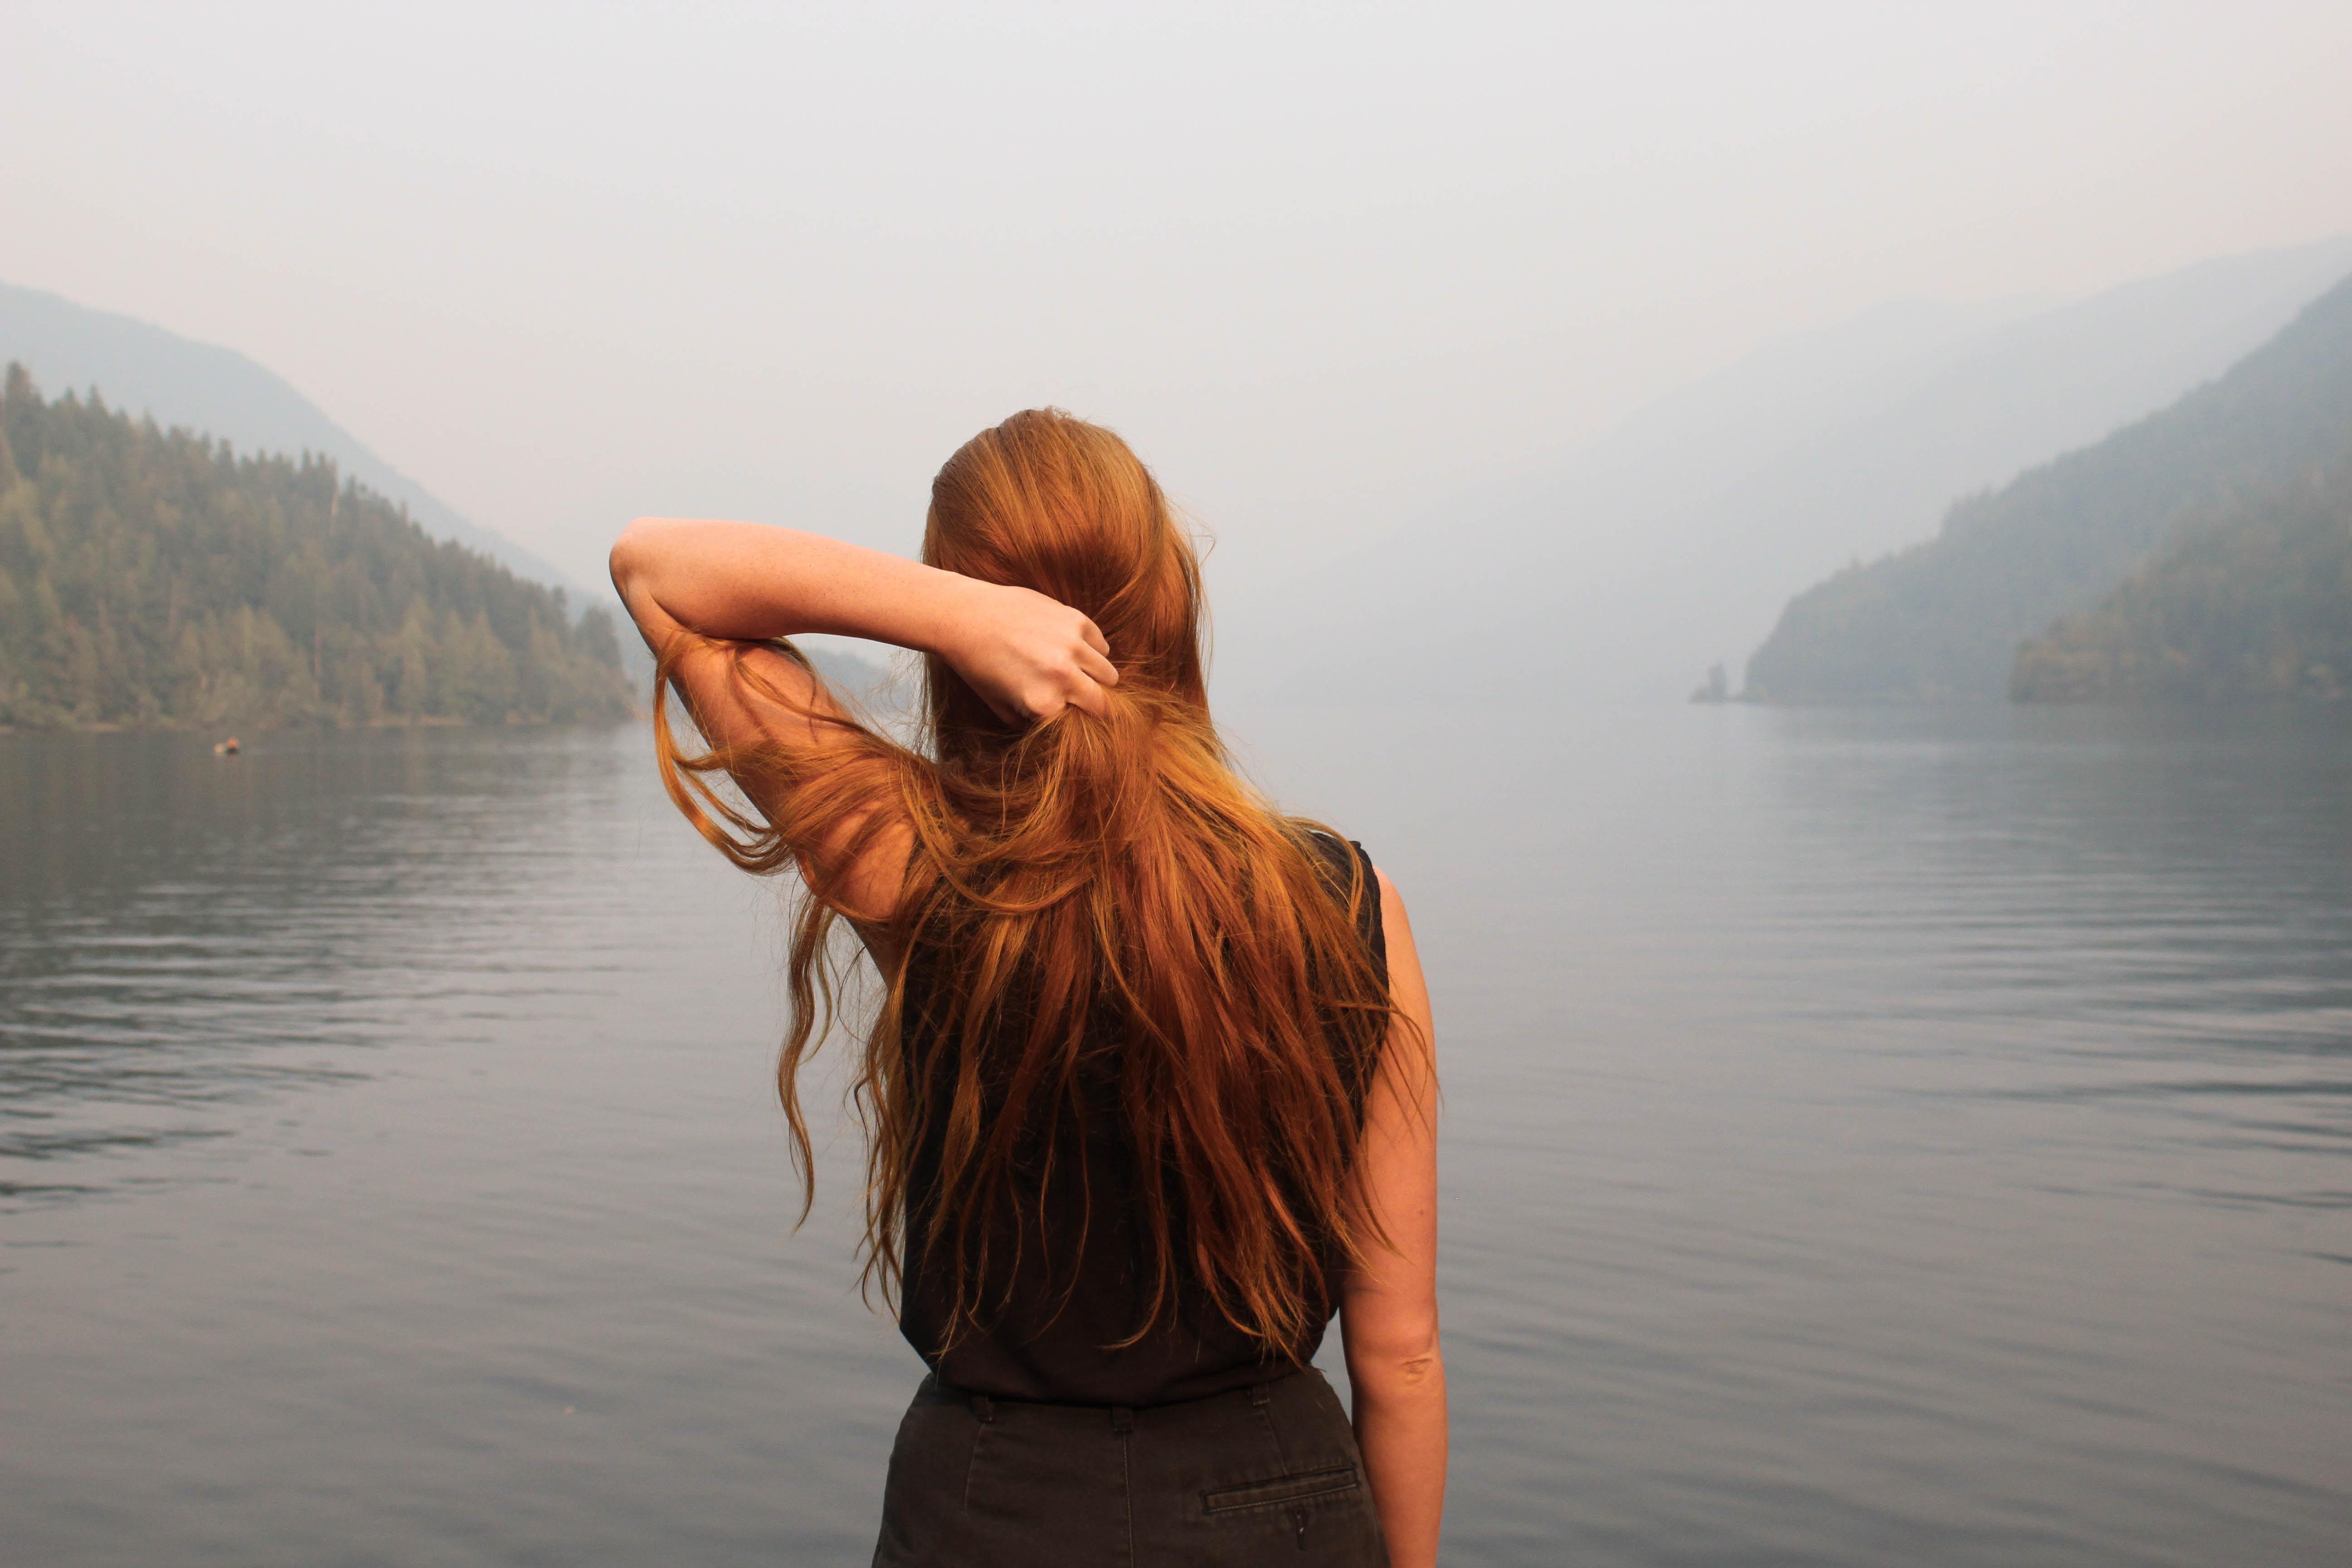 キレイな髪をした女性の後ろ姿